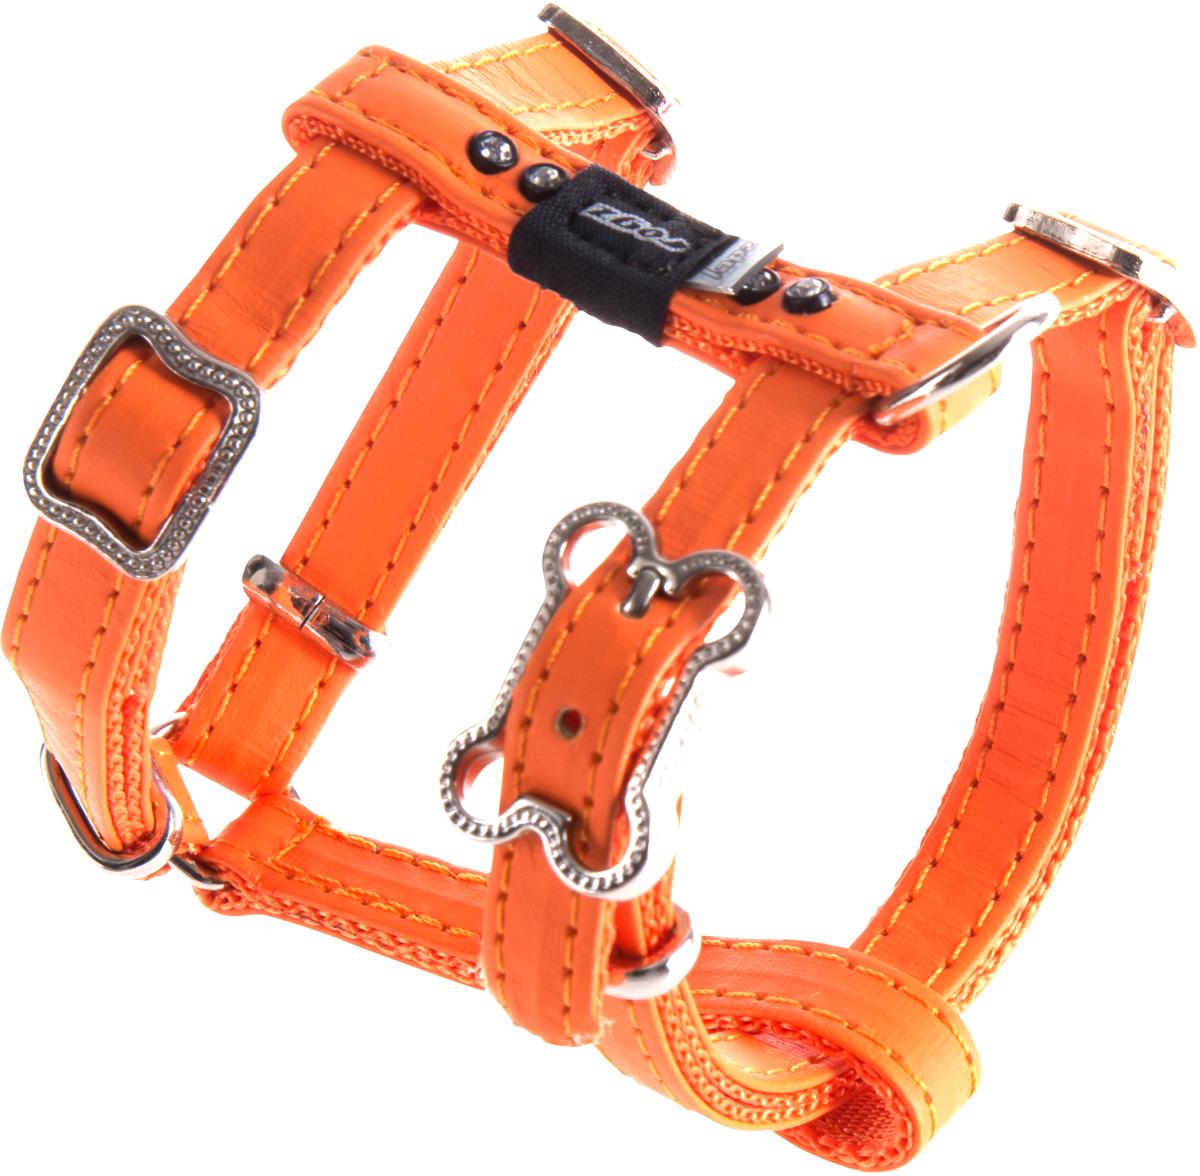 Шлейка для собак Rogz Luna, цвет: оранжевый, ширина 1,1 см. Размер XSSJ500DШлейка для собак Rogz Luna обладает нежнейшей мягкостью и гибкостью.Авторский дизайн, яркие цвета, изысканные декоративные элементы со стразами.Шлейка подчеркнет индивидуальность вашей собаки.